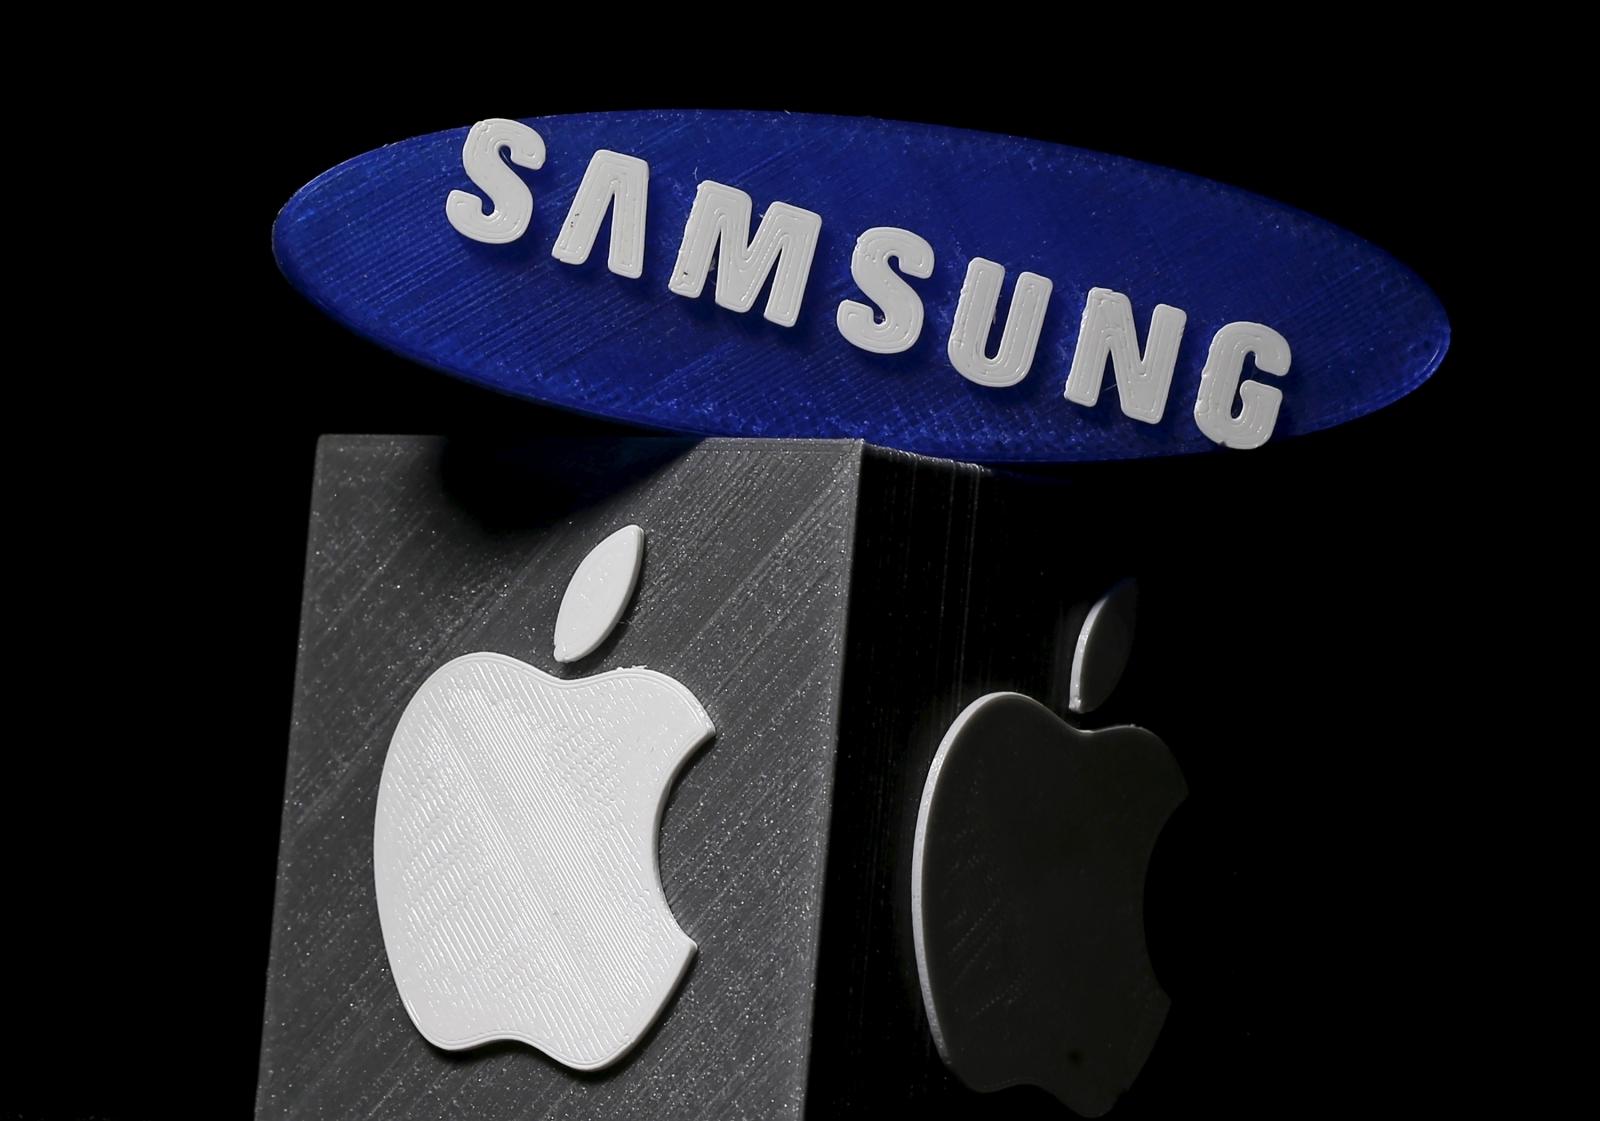 Samsung v Apple patent infringement case